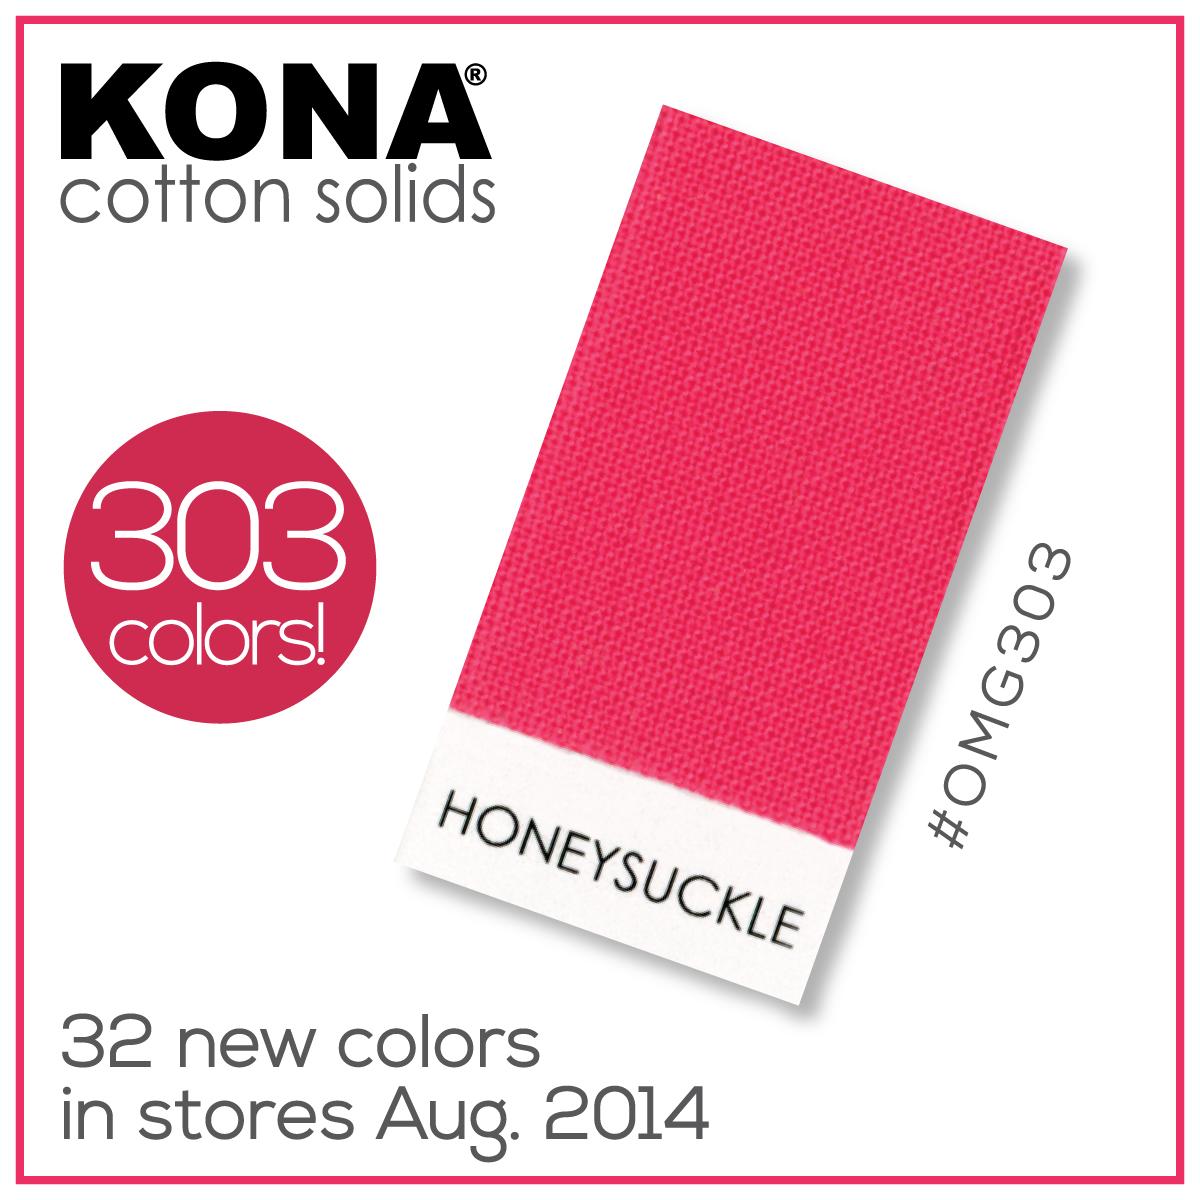 POSTED - Kona-Honeysuckle.jpg